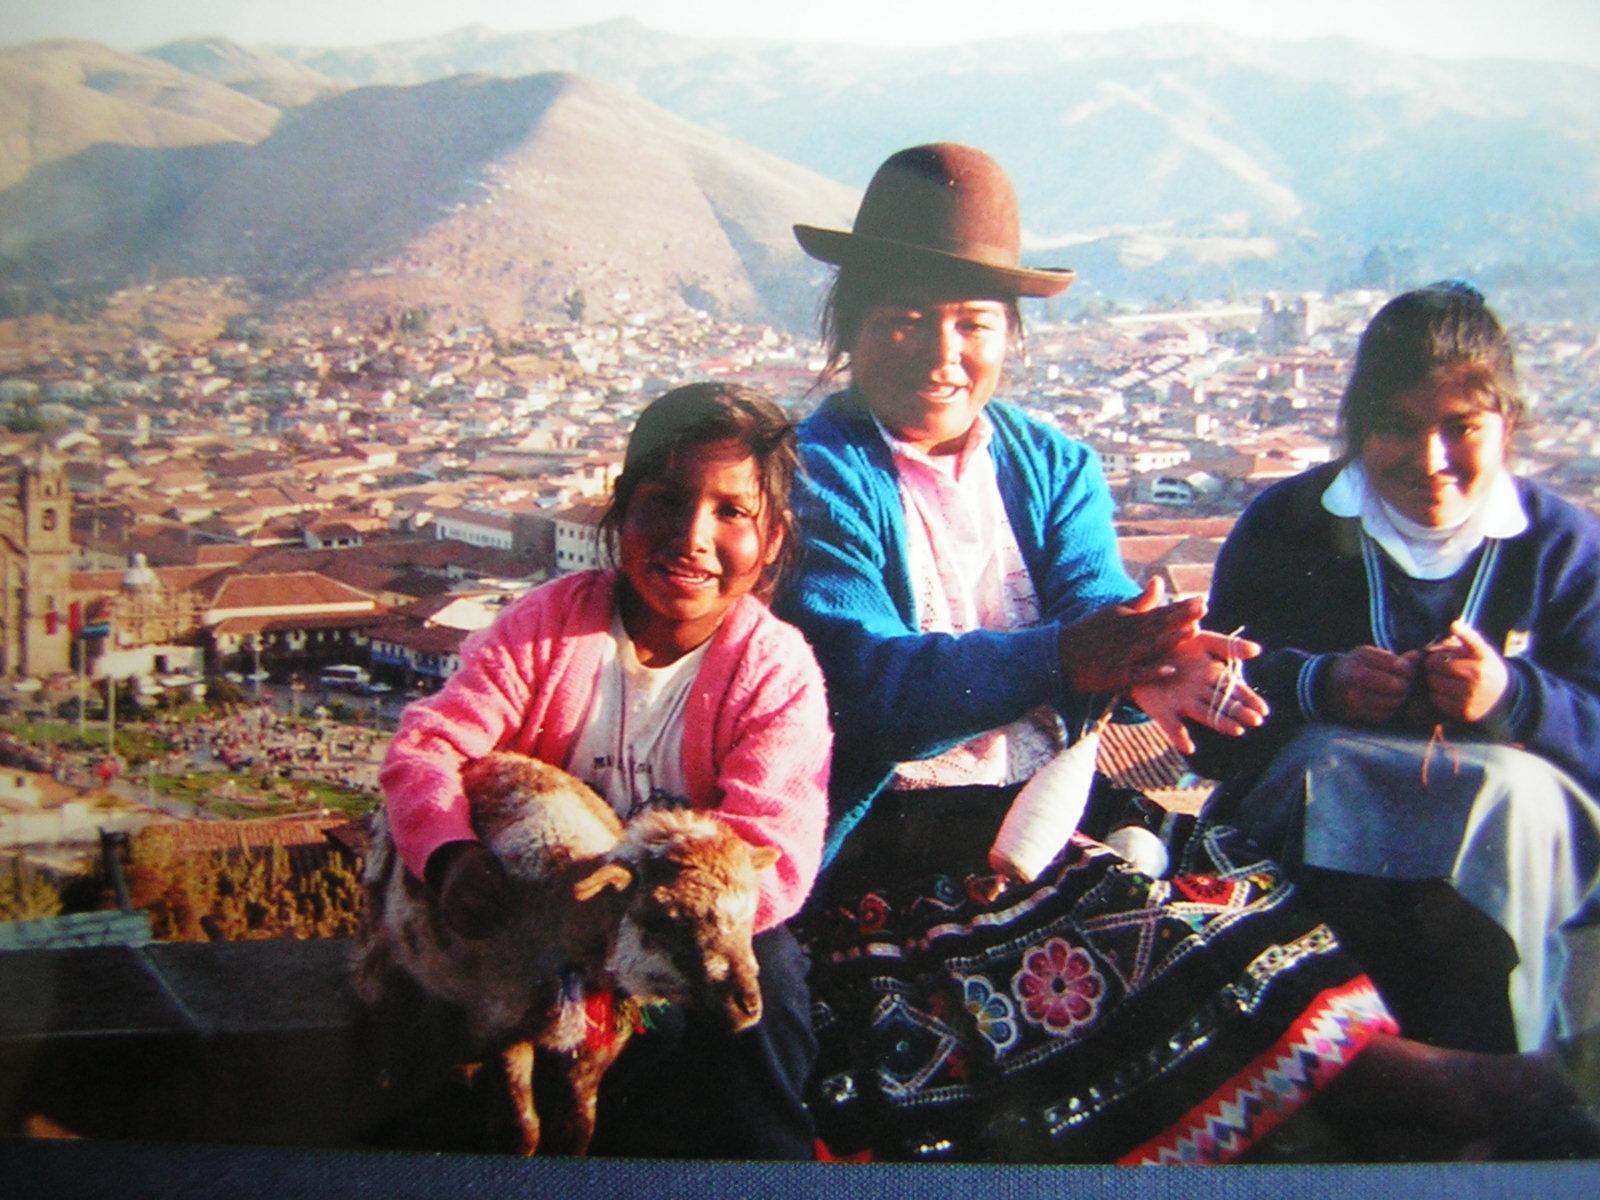 Quechua-Frauen Peru (c) Anja Knorr